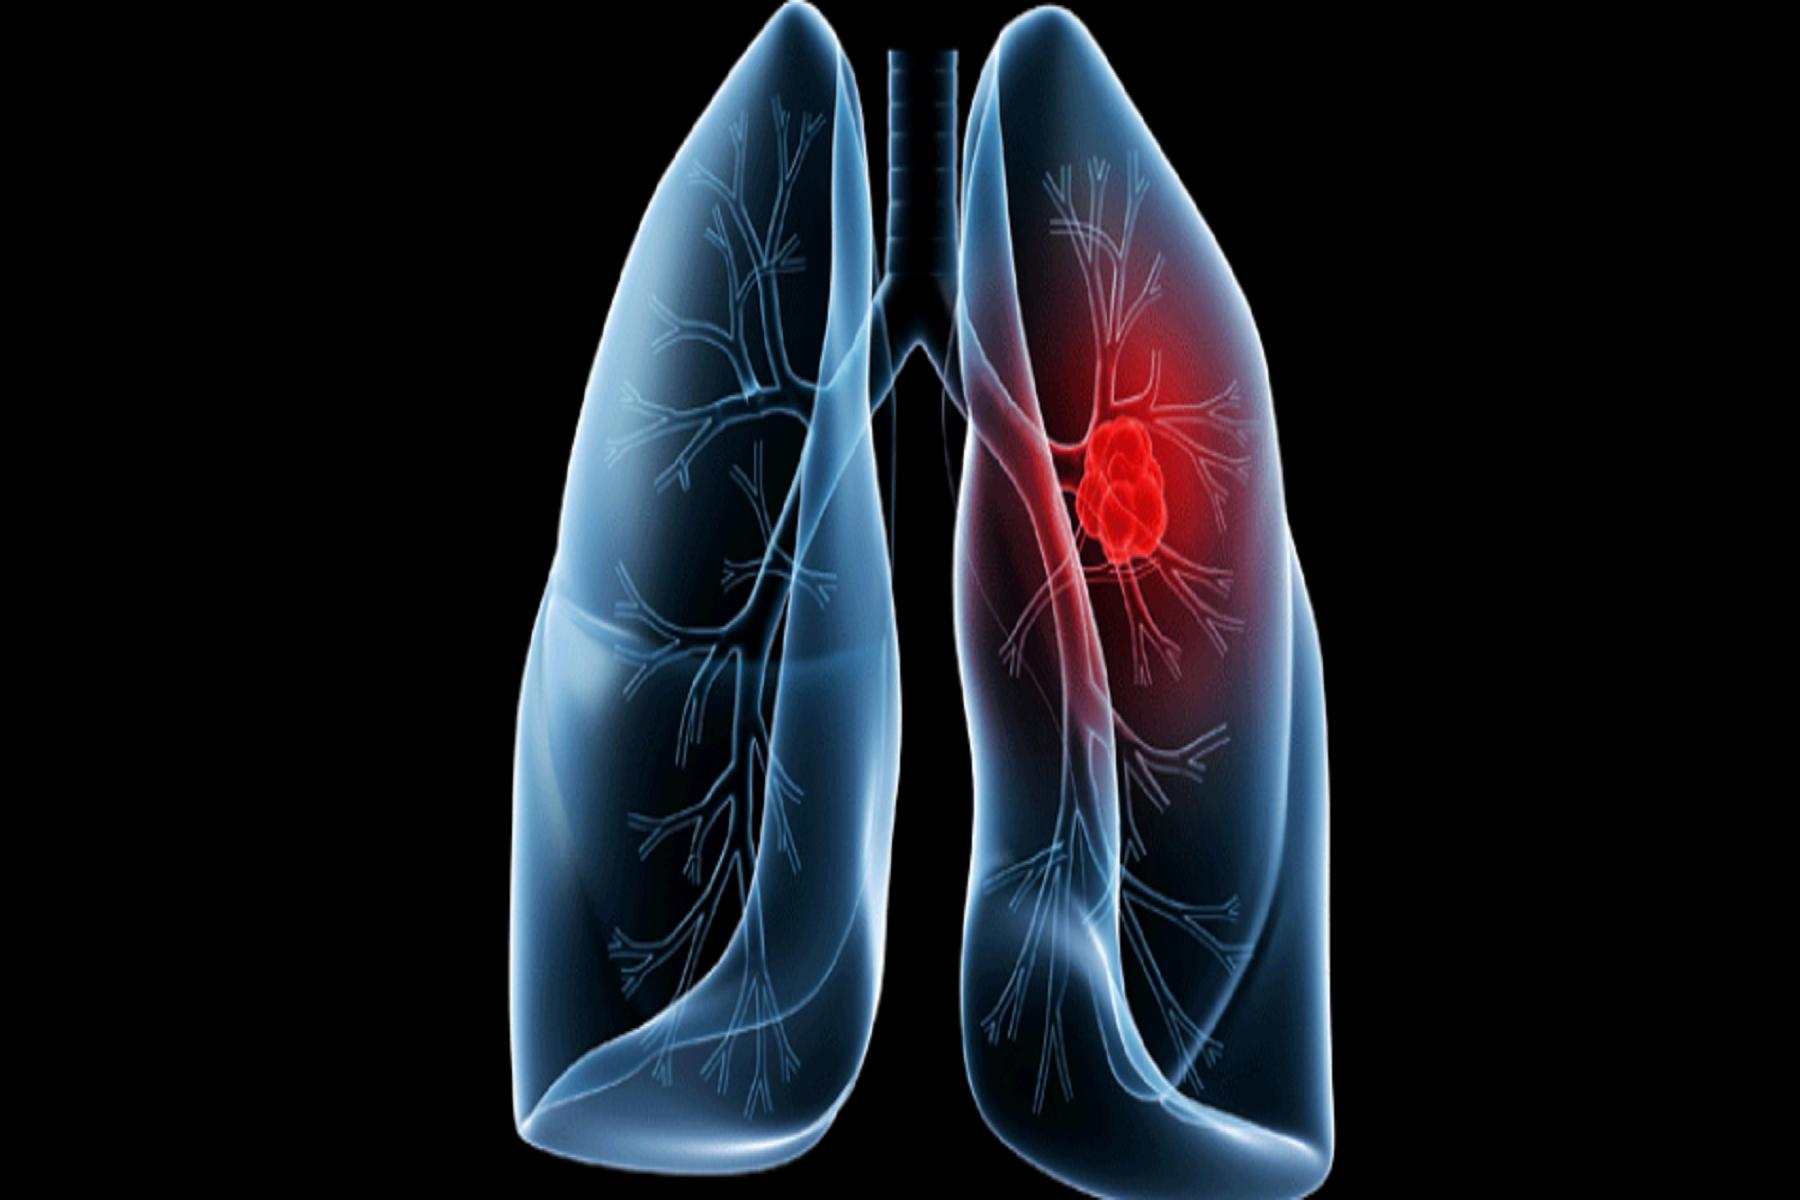 Εθνικό Ινστιτούτο Υγείας: Η αποκαλυπτική αιτία  πίσω από τους καρκίνους των πνευμόνων όσων δεν κάπνισαν ποτέ.